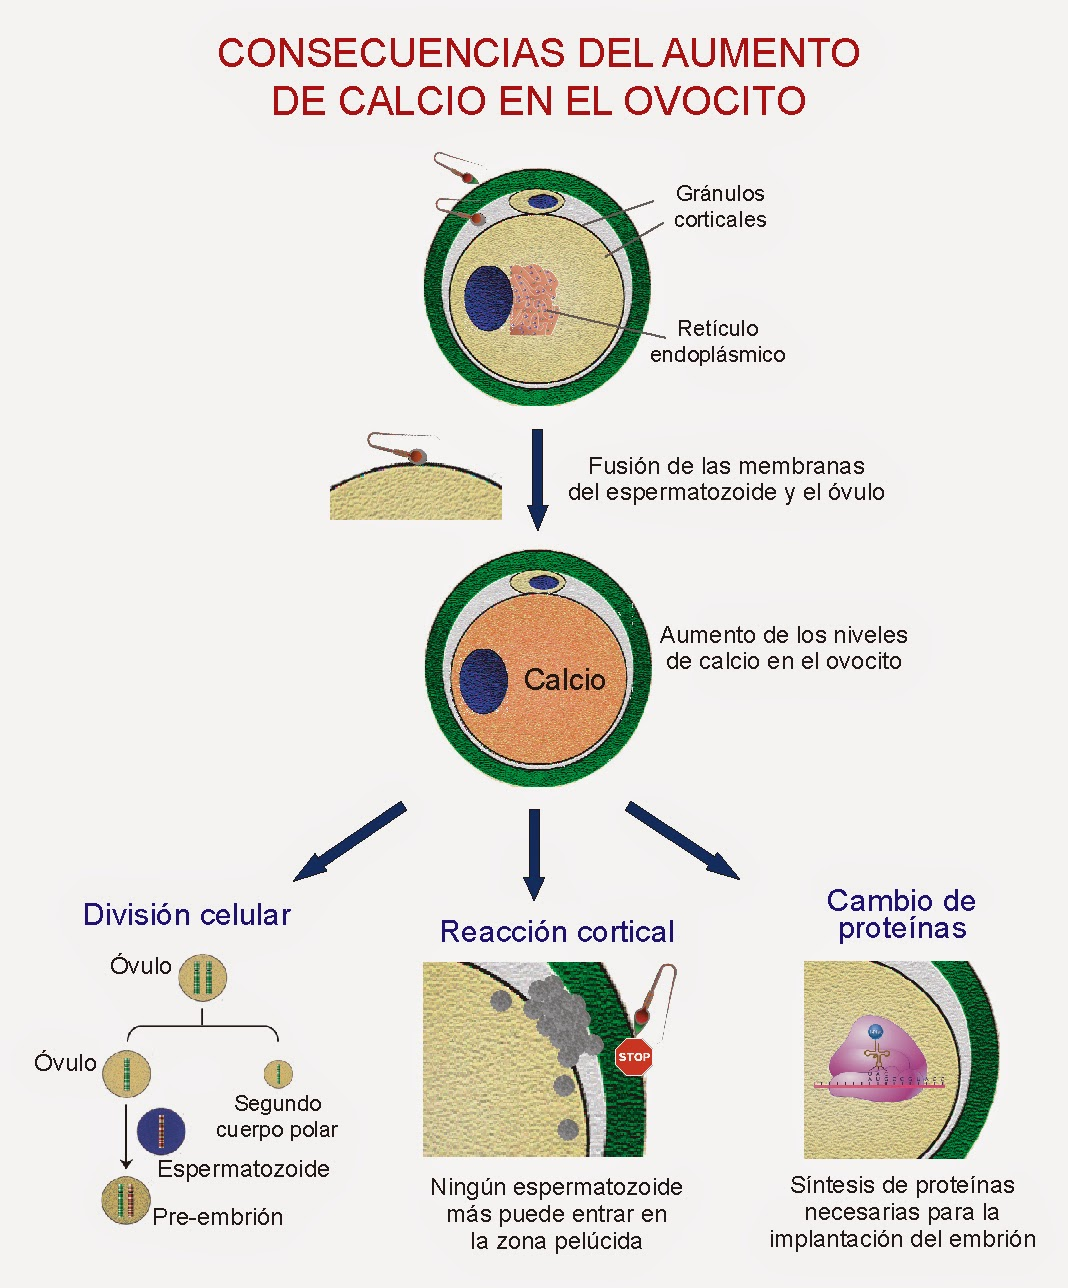 El aumento del calcio en el ovocito provoca la reacción cortical, el cambio de proteínas en el ovocito y la reanudación de la meiosis II